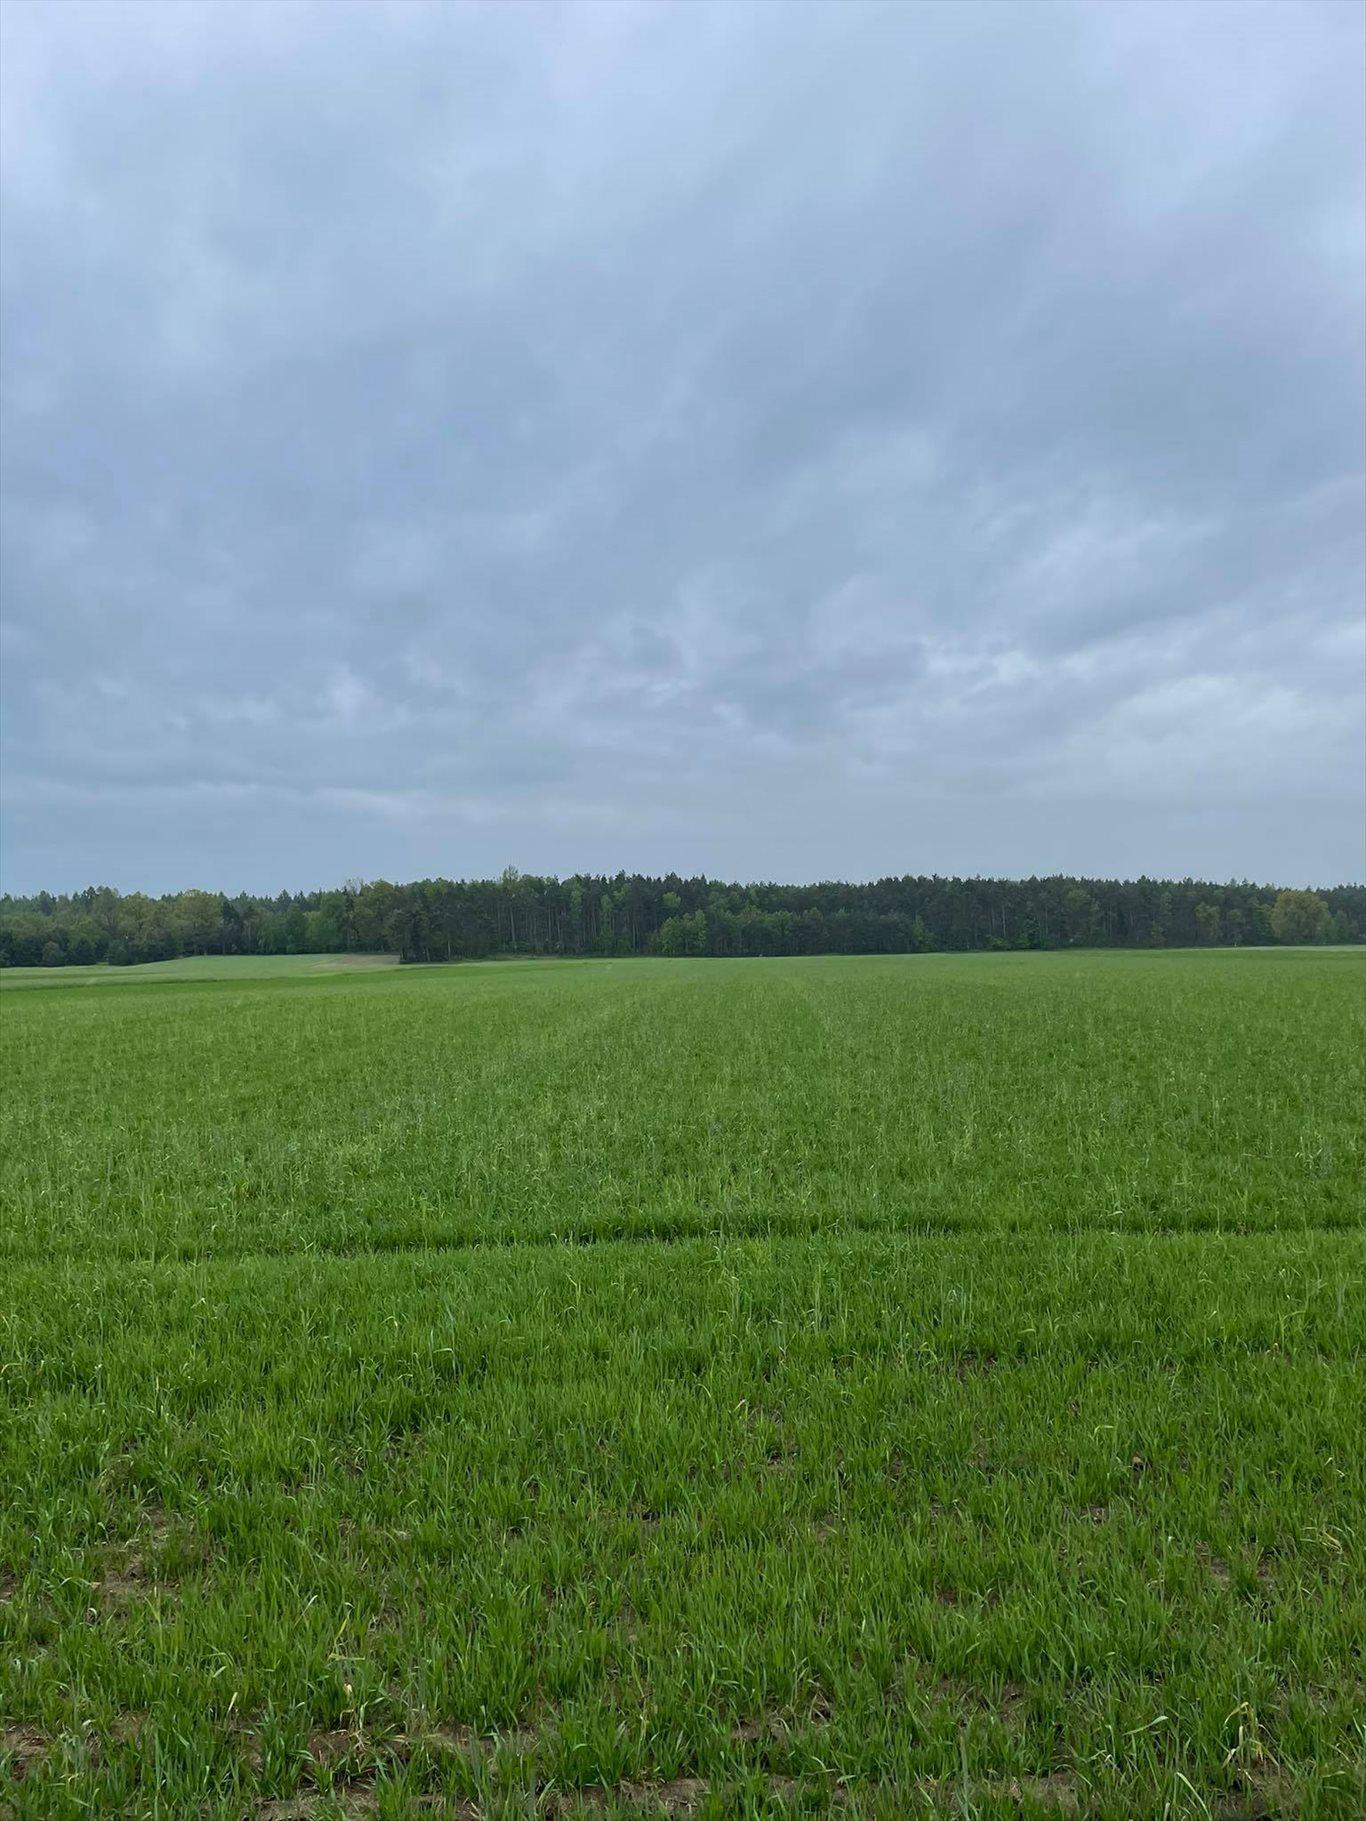 Działka gospodarstwo rolne na sprzedaż Przystajń, Ługi Radły, Kościelna 29a  60000m2 Foto 2